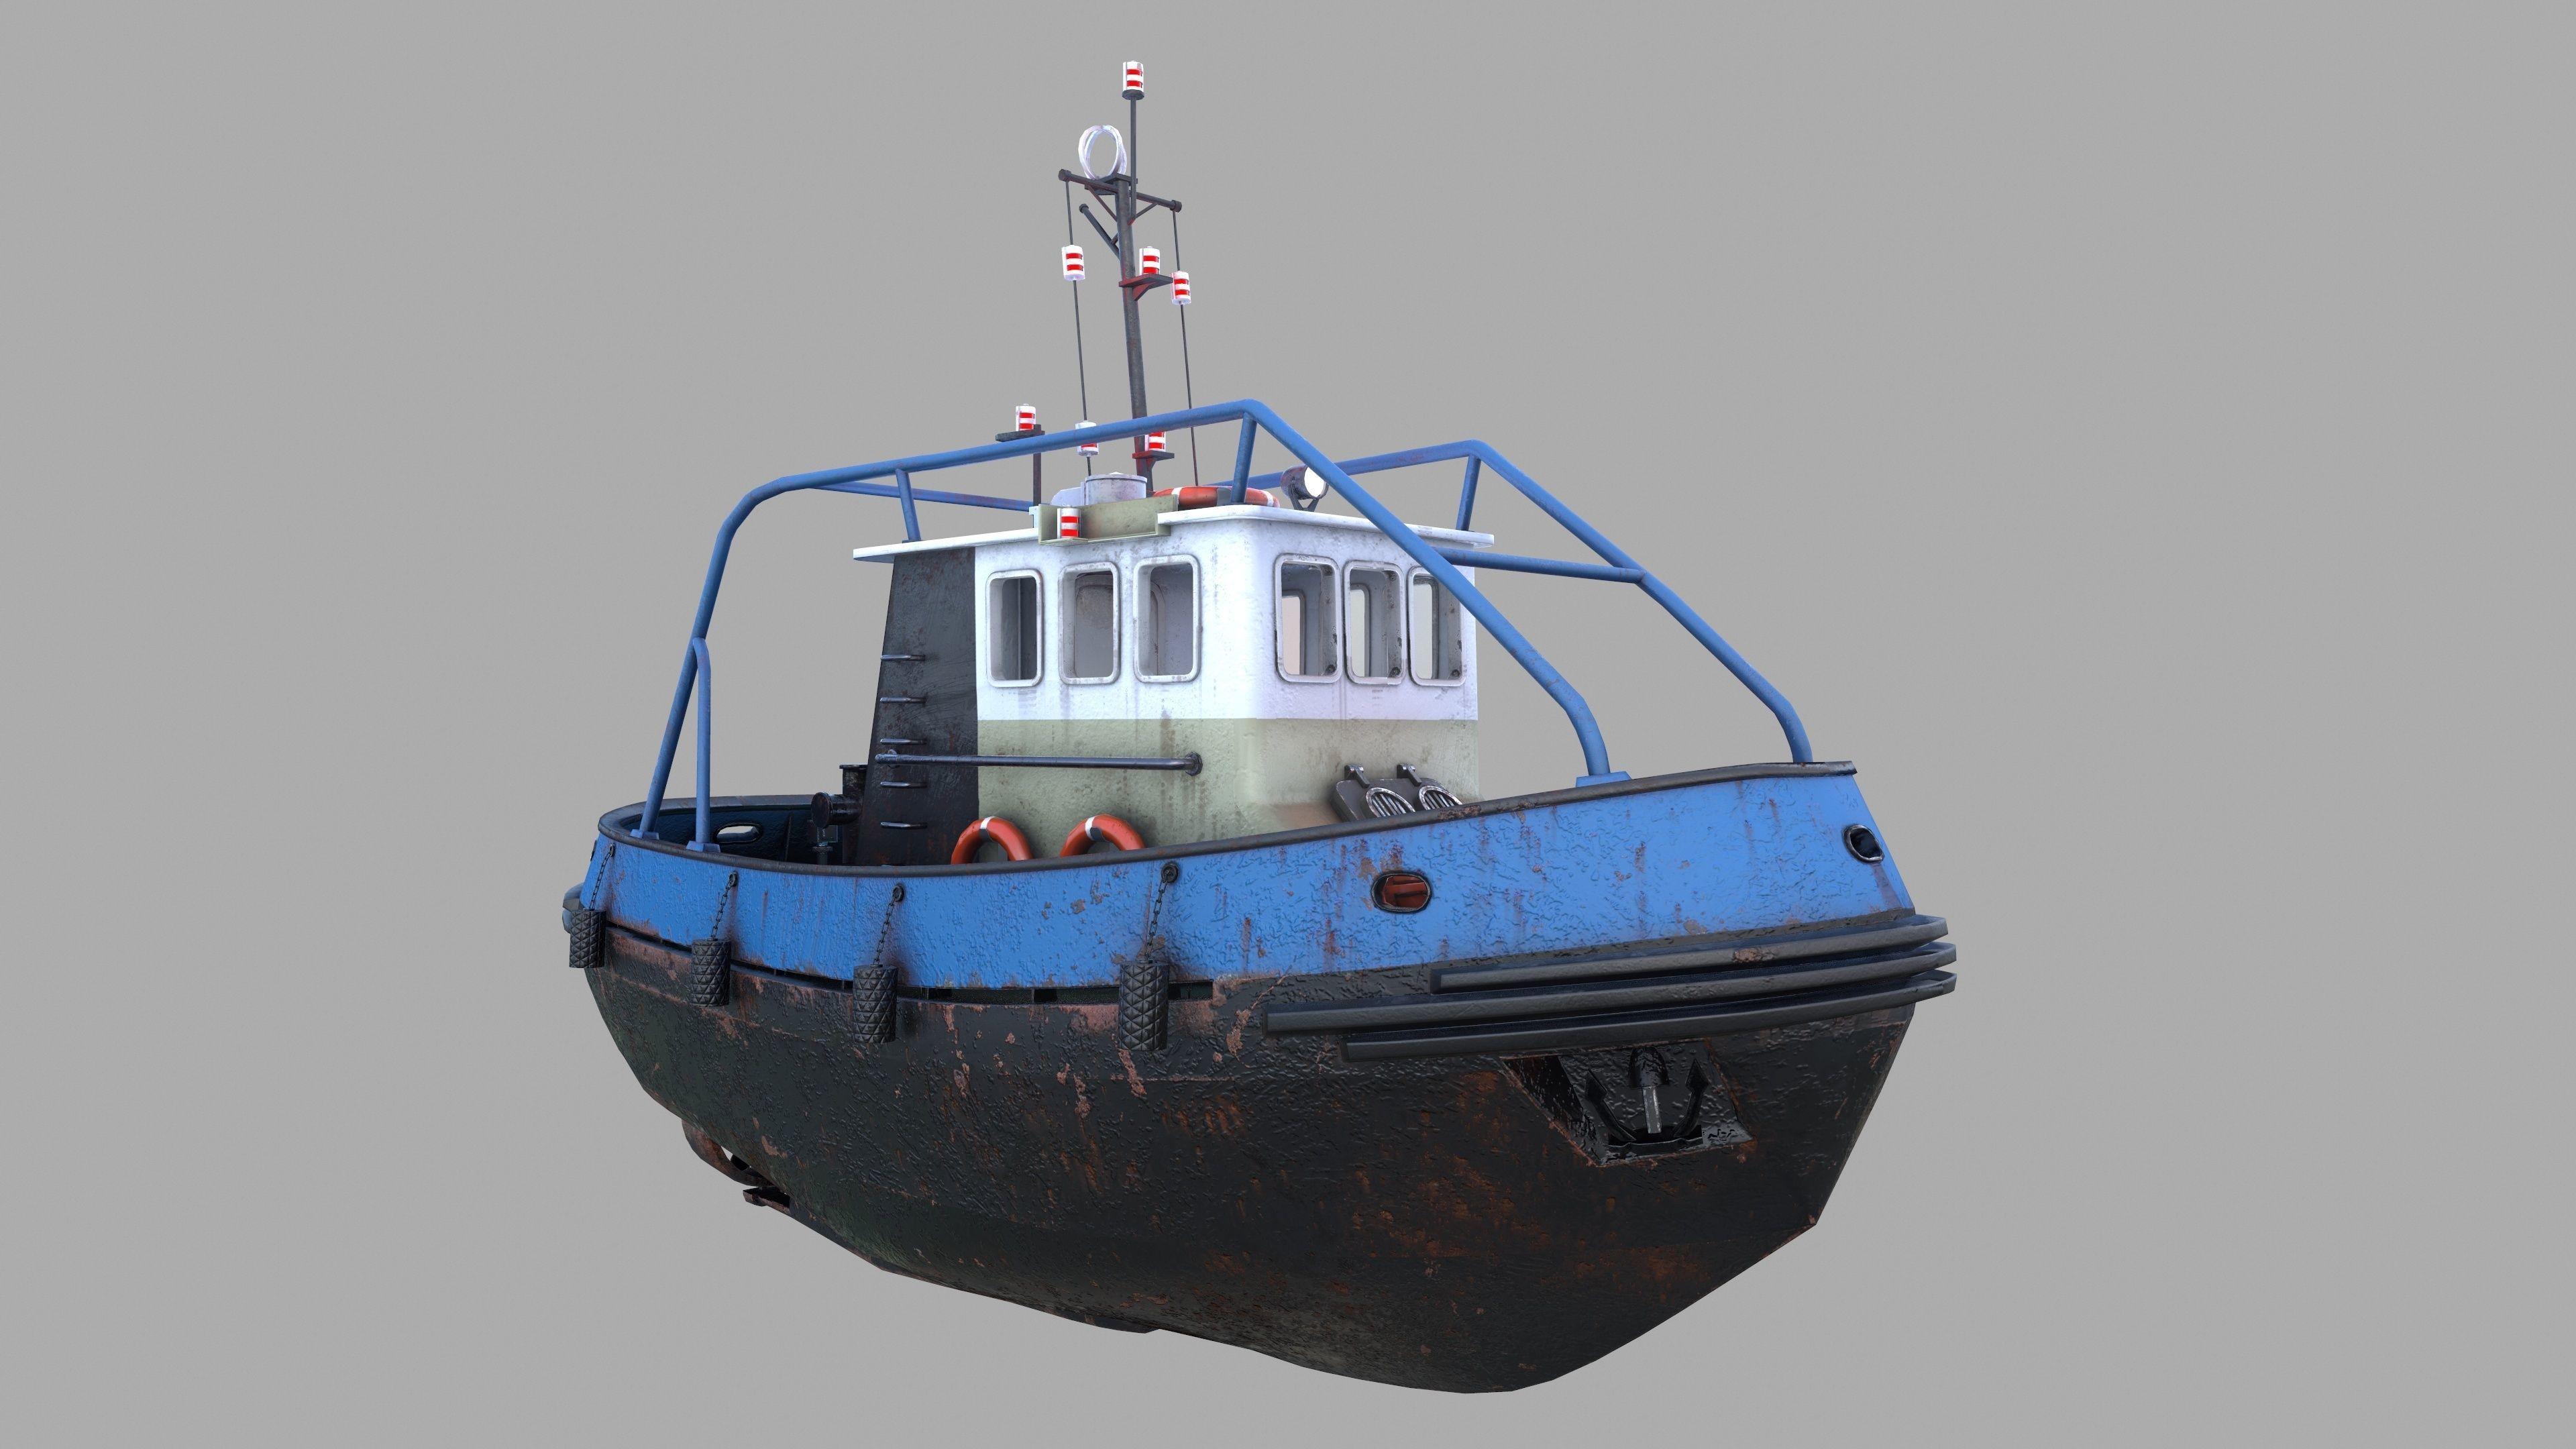 Tugboat Emilka